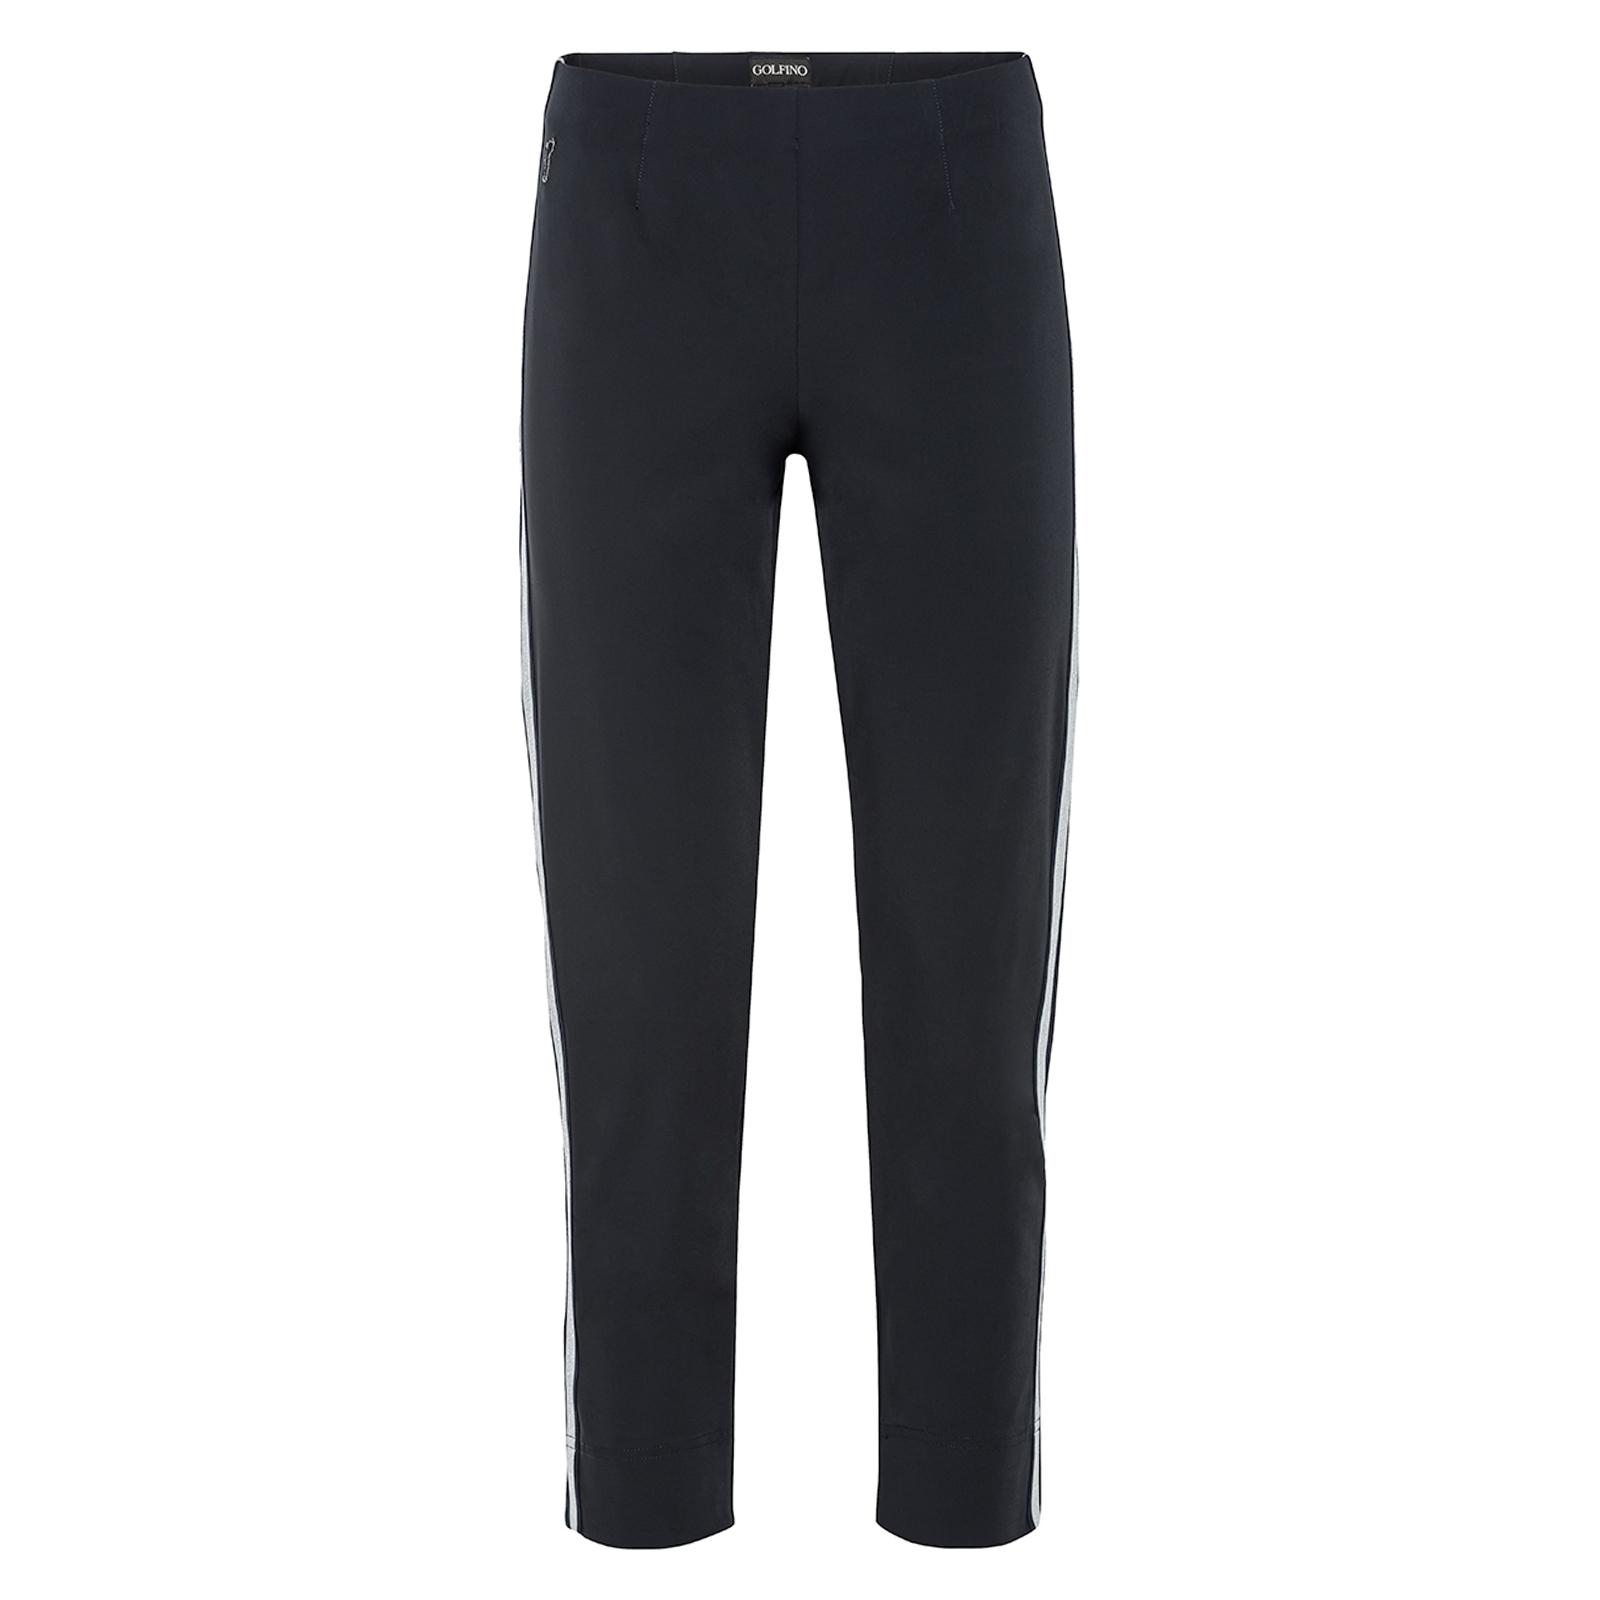 Pantaloni Capri da donna confortevoli e molto elasticizzati con bande laterali in vestibilità slim